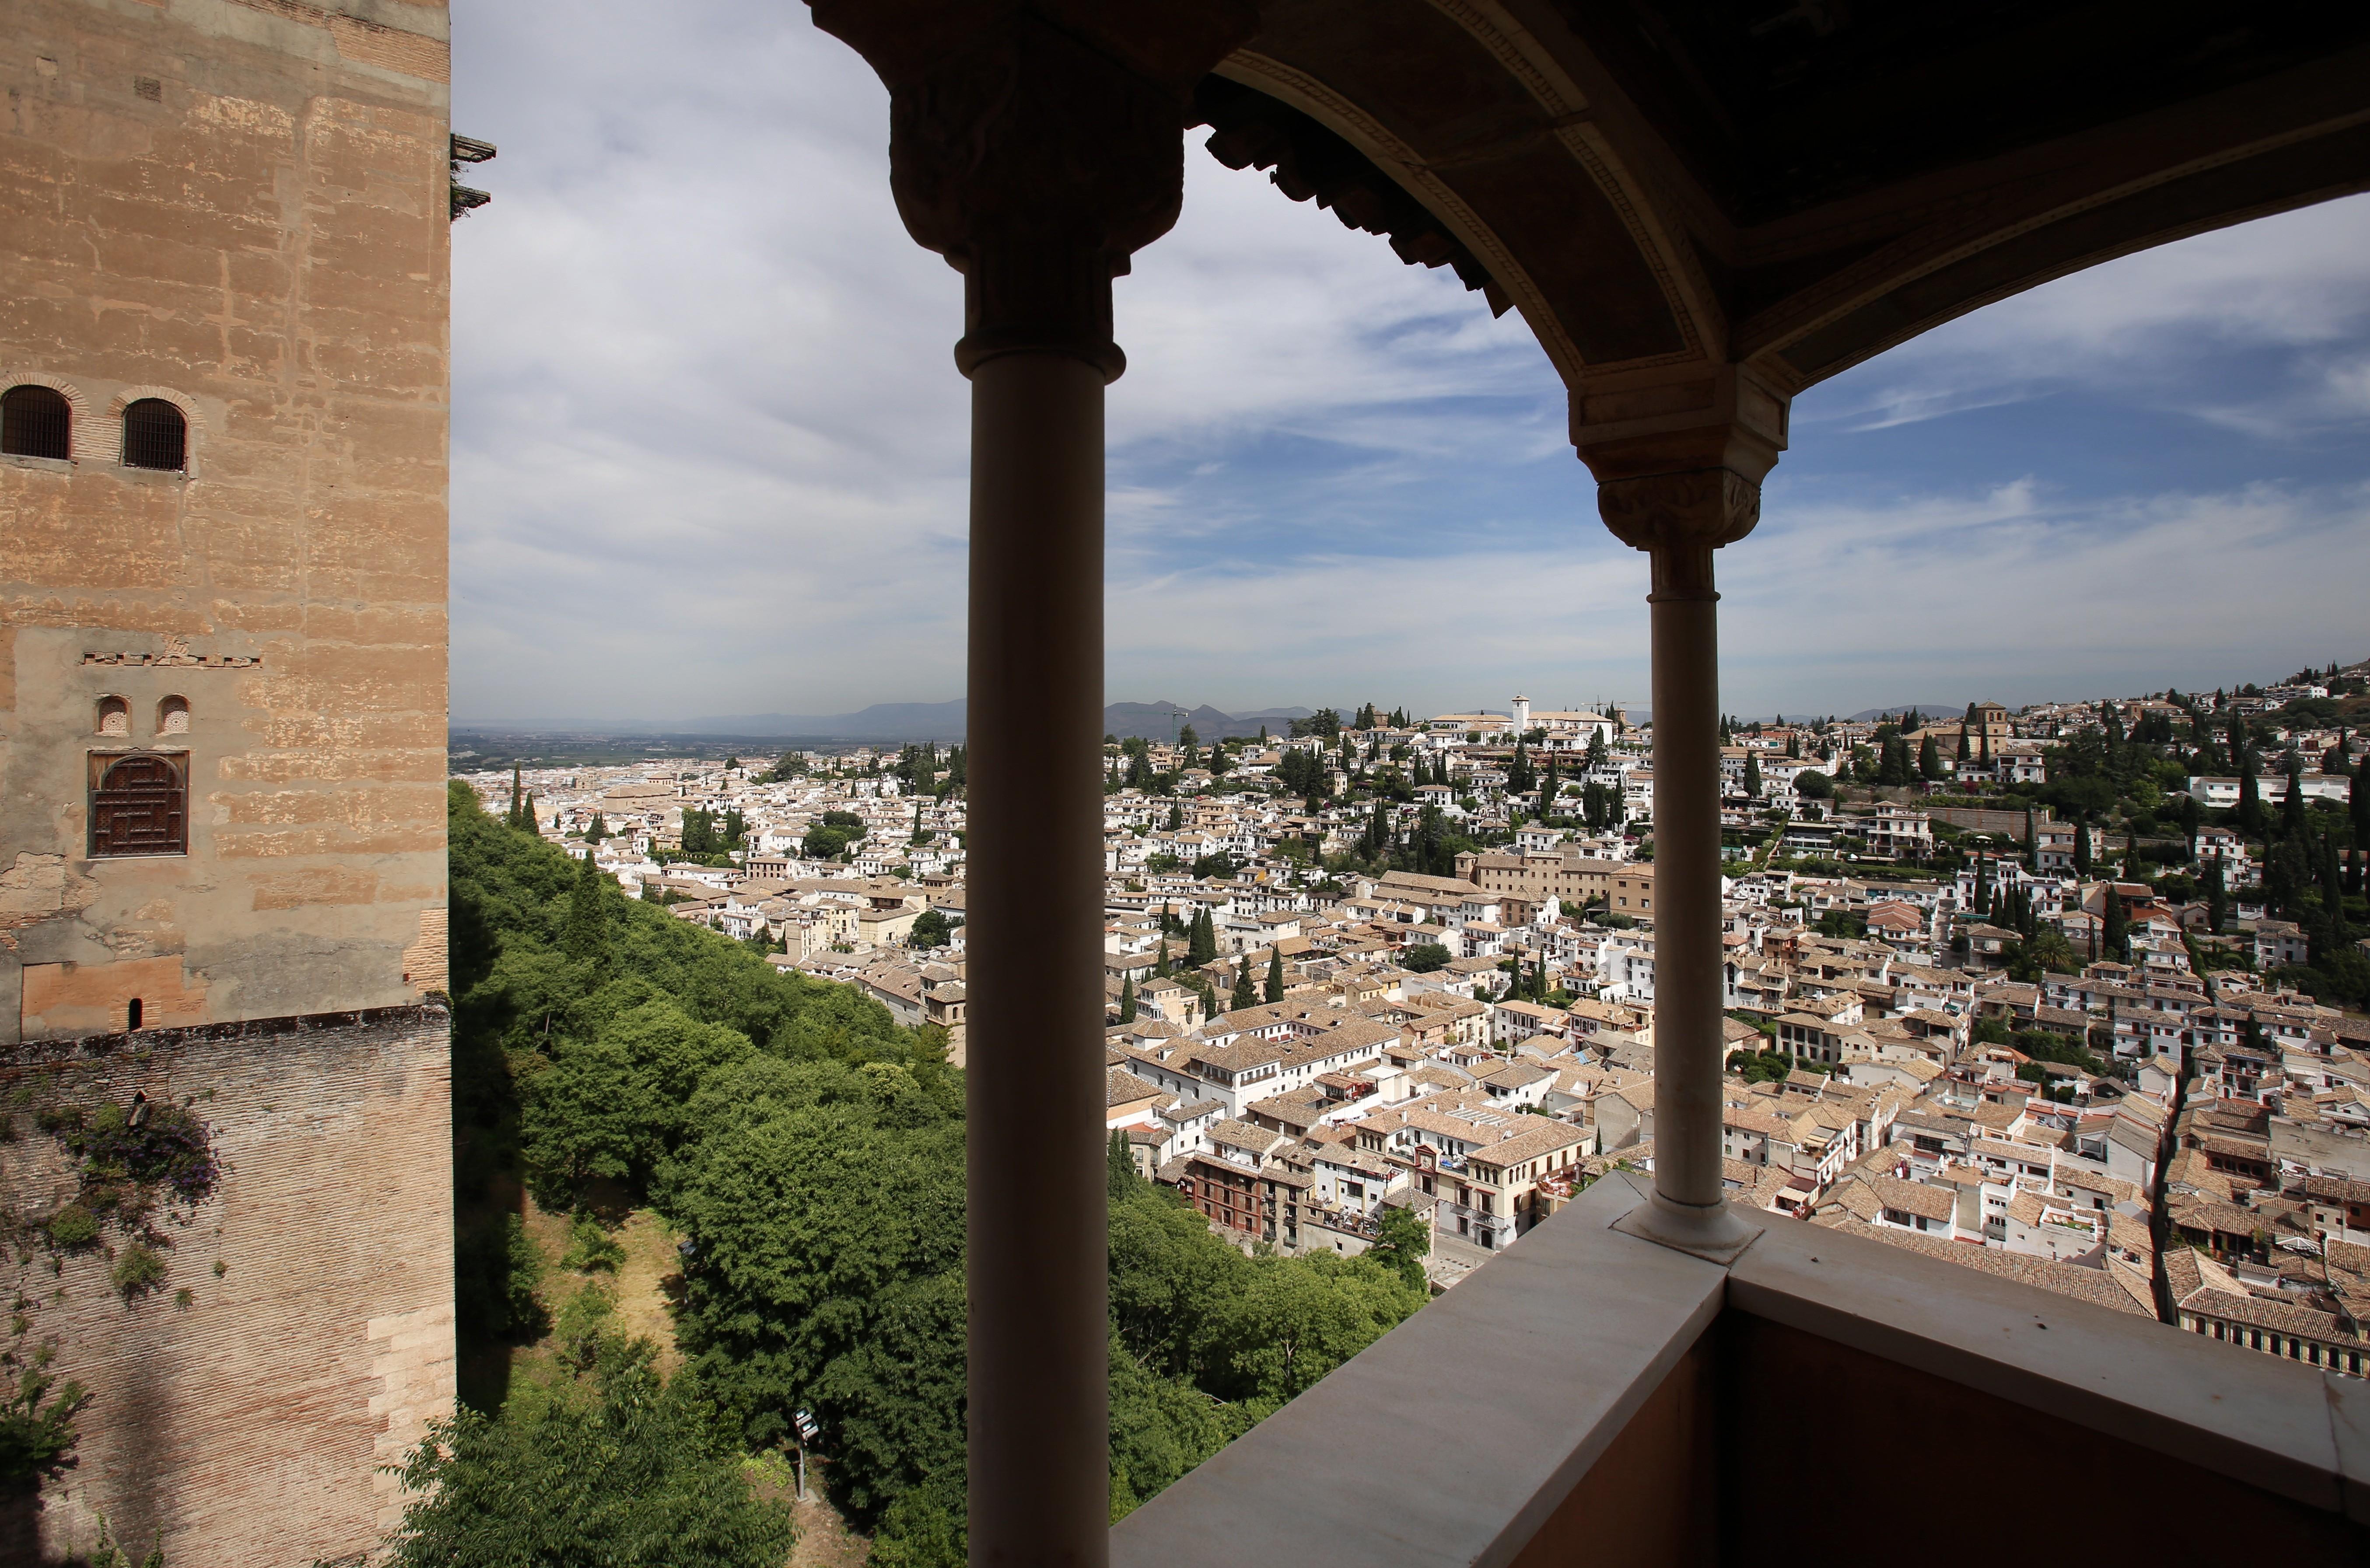 Cuadernos de la Alhambra en formato digital: una ventana abierta al conocimiento